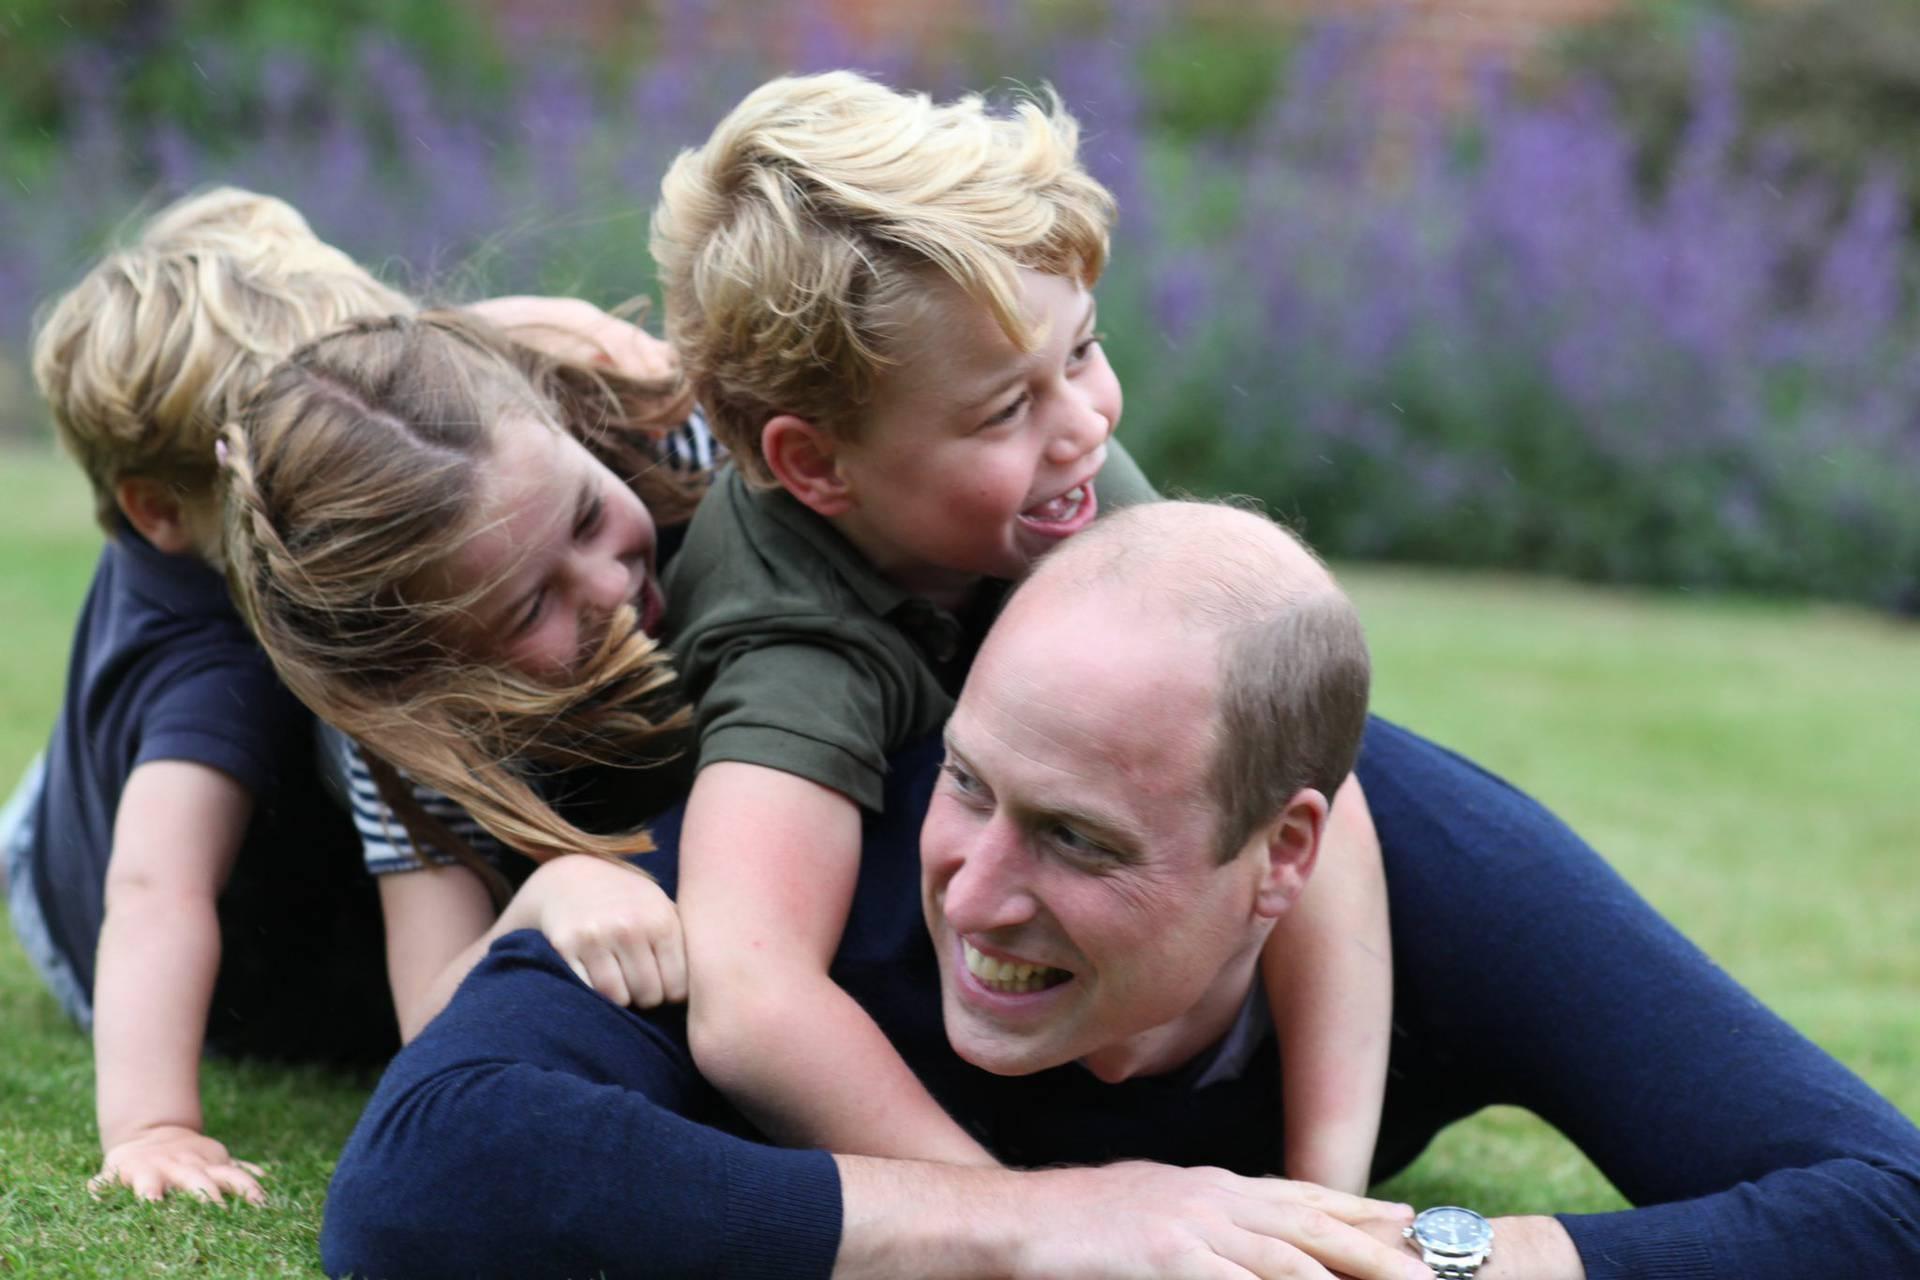 William je proslavio rođendan u privatnosti: Pozirao je s djecom